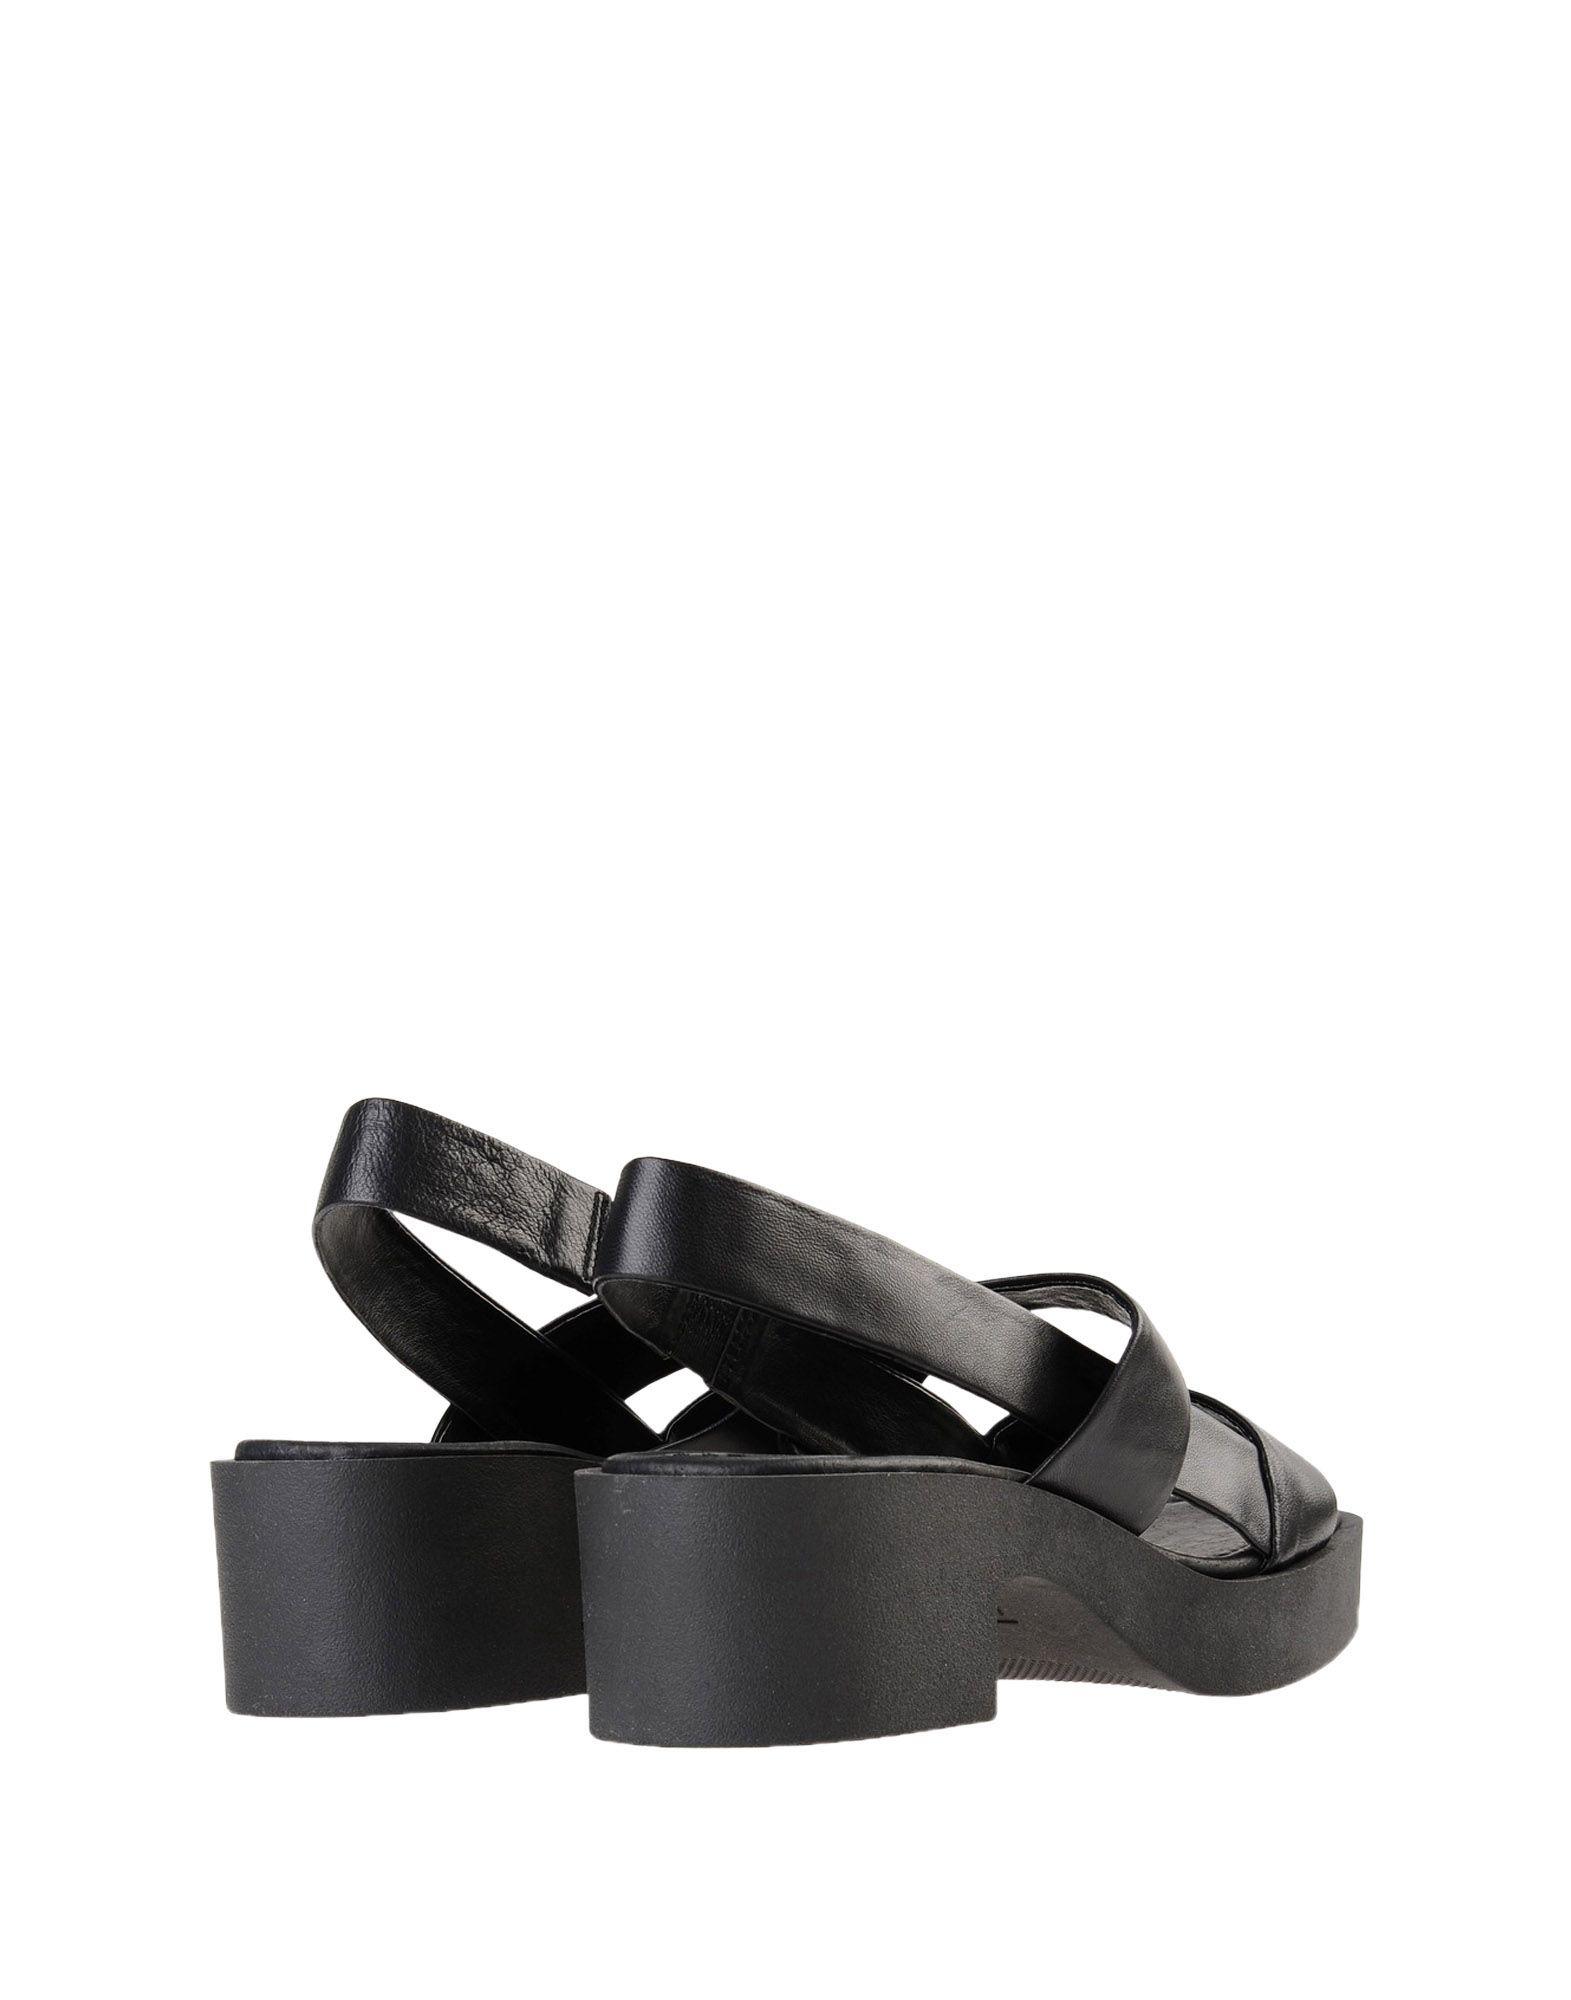 E8 By Miista Hazel  11469140HV Gute Qualität beliebte Schuhe